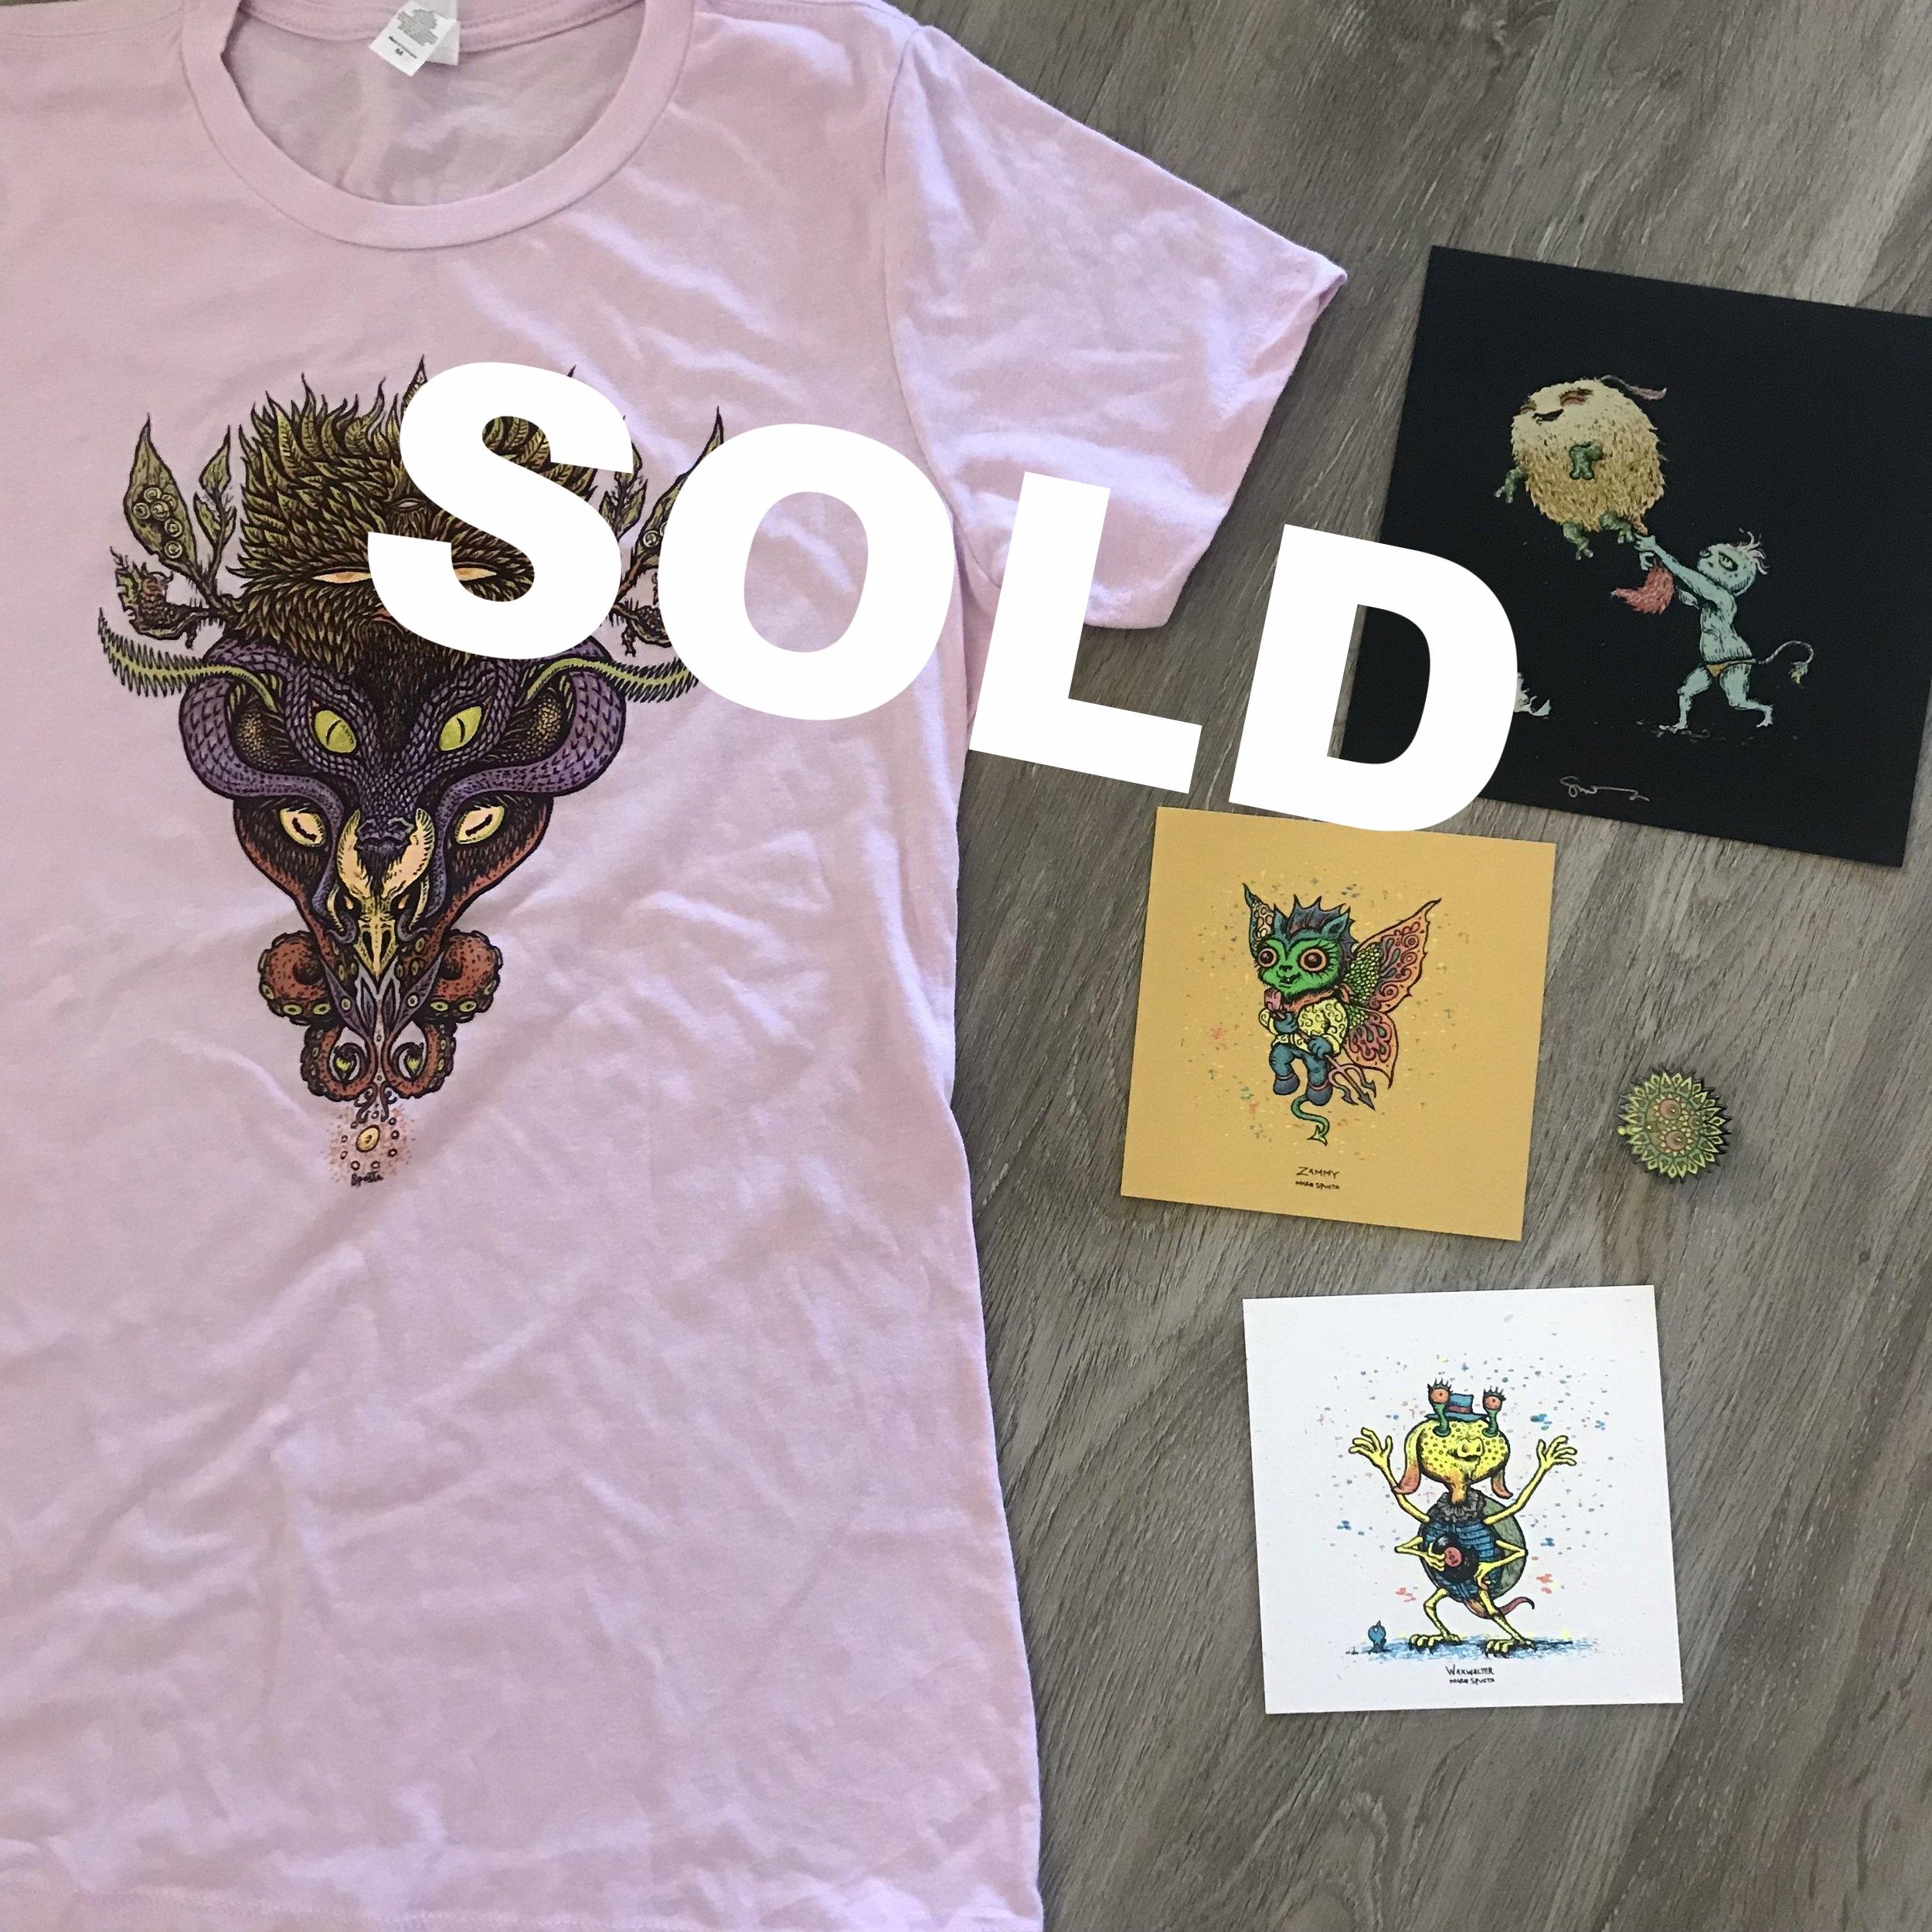 Prize 4: Ladies Medium T-shirt + Bloomer Pin + Minis shown